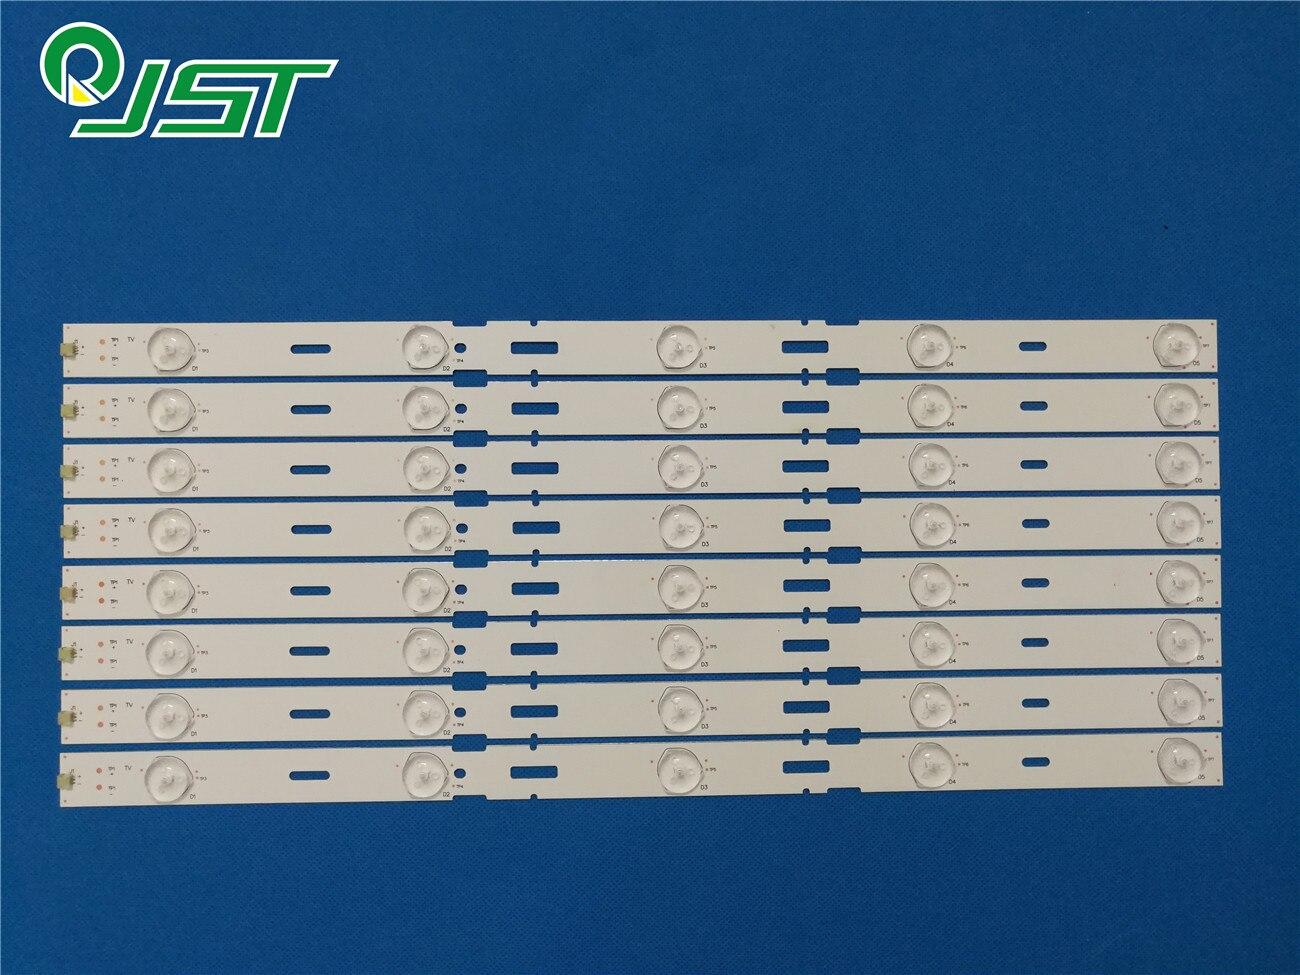 100% nuevo 8pcs/Kit de tiras LED para GRUNDIG 40 TV 40VLE525 40VLE525BG LSC400HM09 A02 SAMSUNG 2013ARC40 3228N1 5 REV1.1